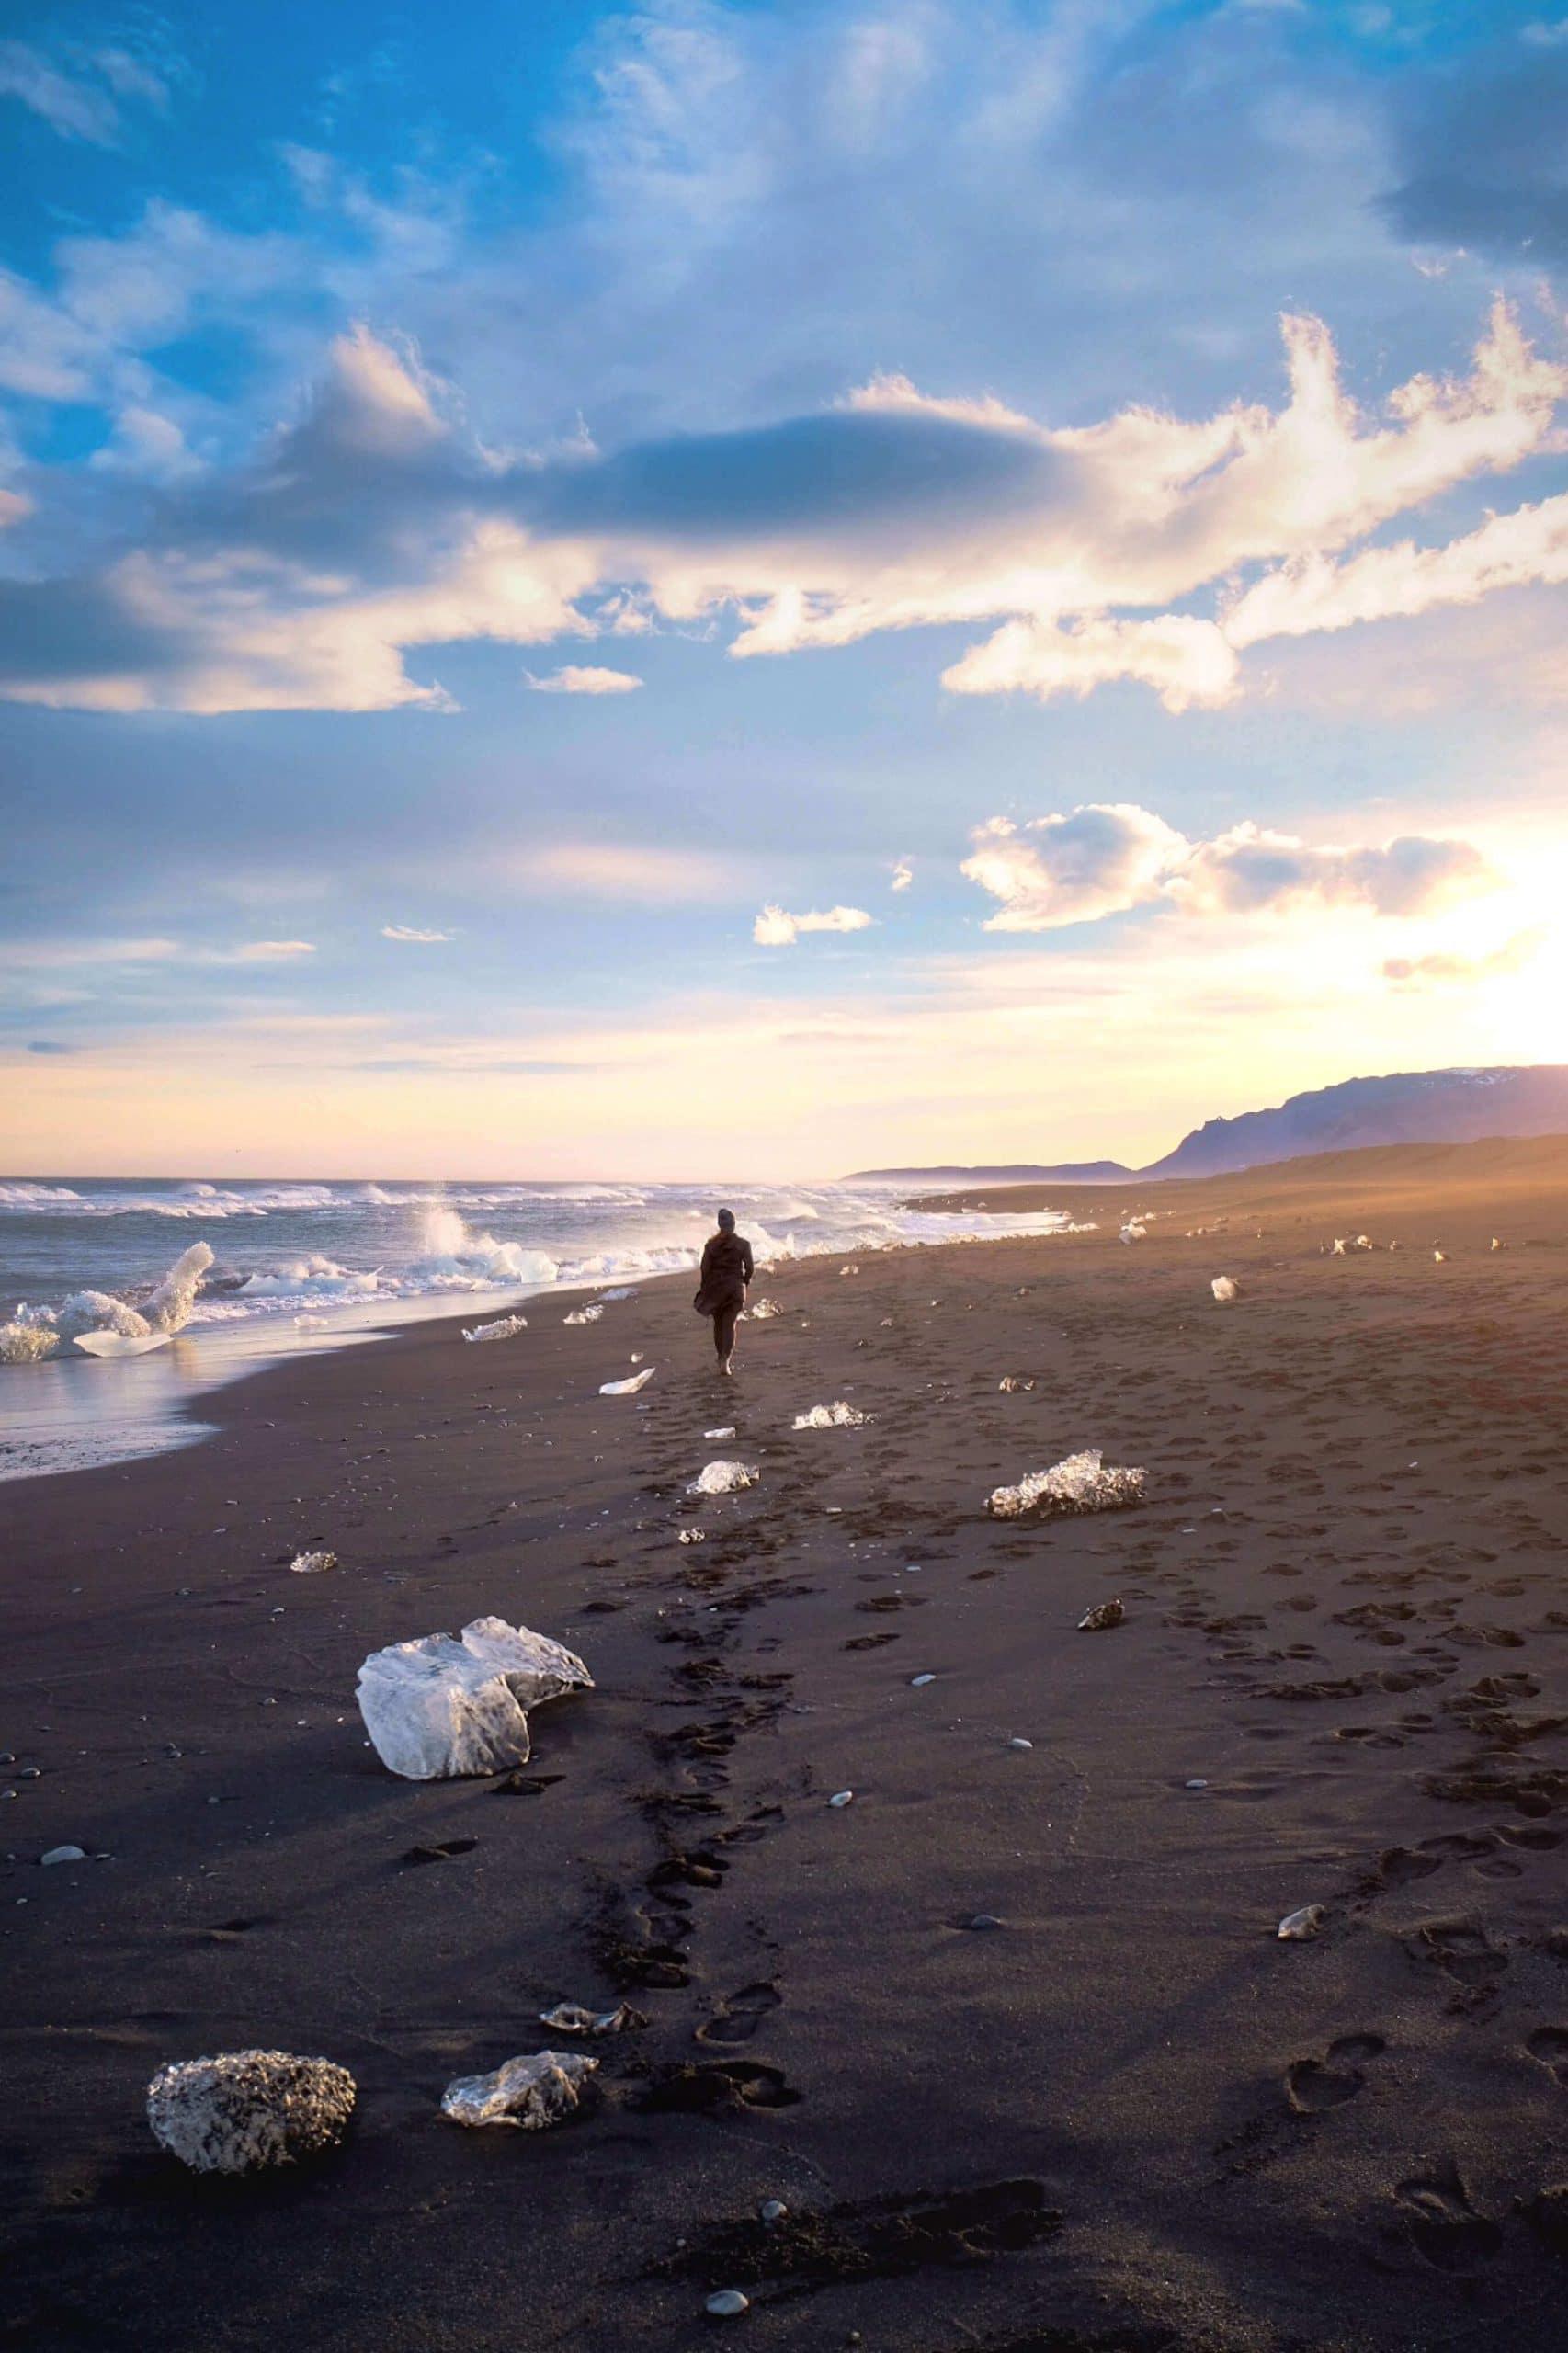 Diamond Beach at sunset